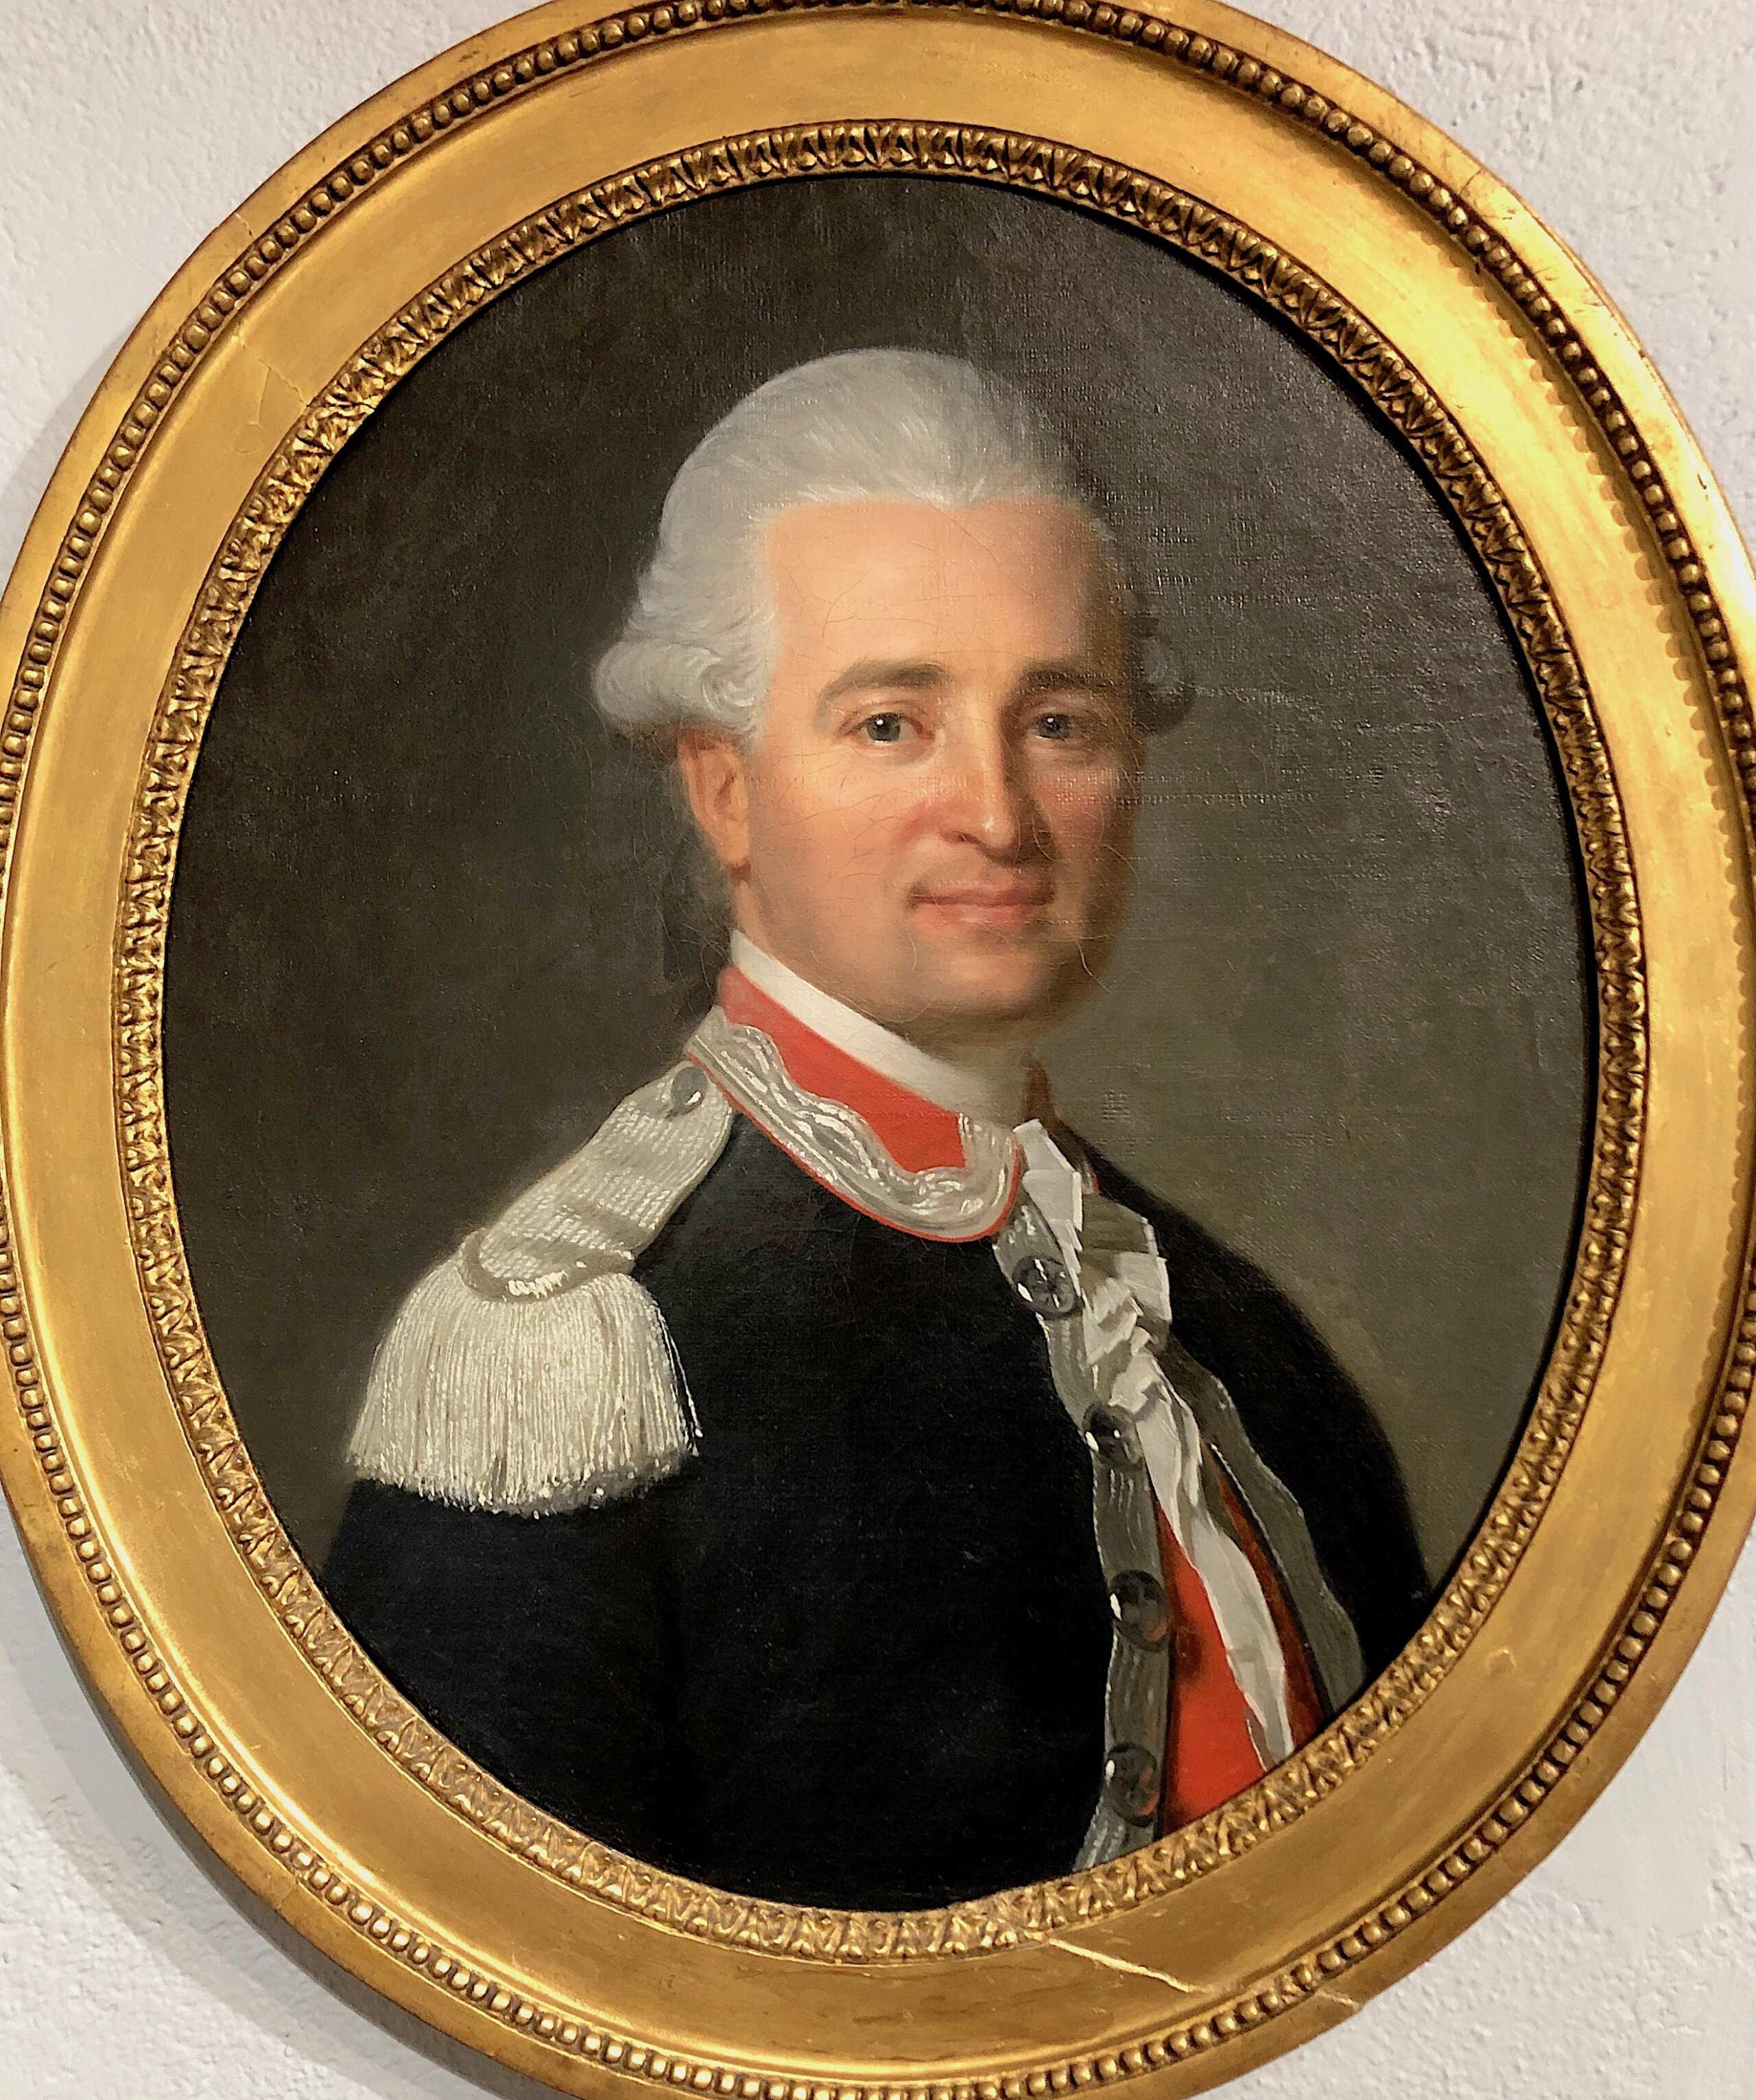 Cent portraits pour un siècle. Exposition au Musée Lambinet (Versailles) et Palais Lascaris (Nice) - Page 2 Duc_la10